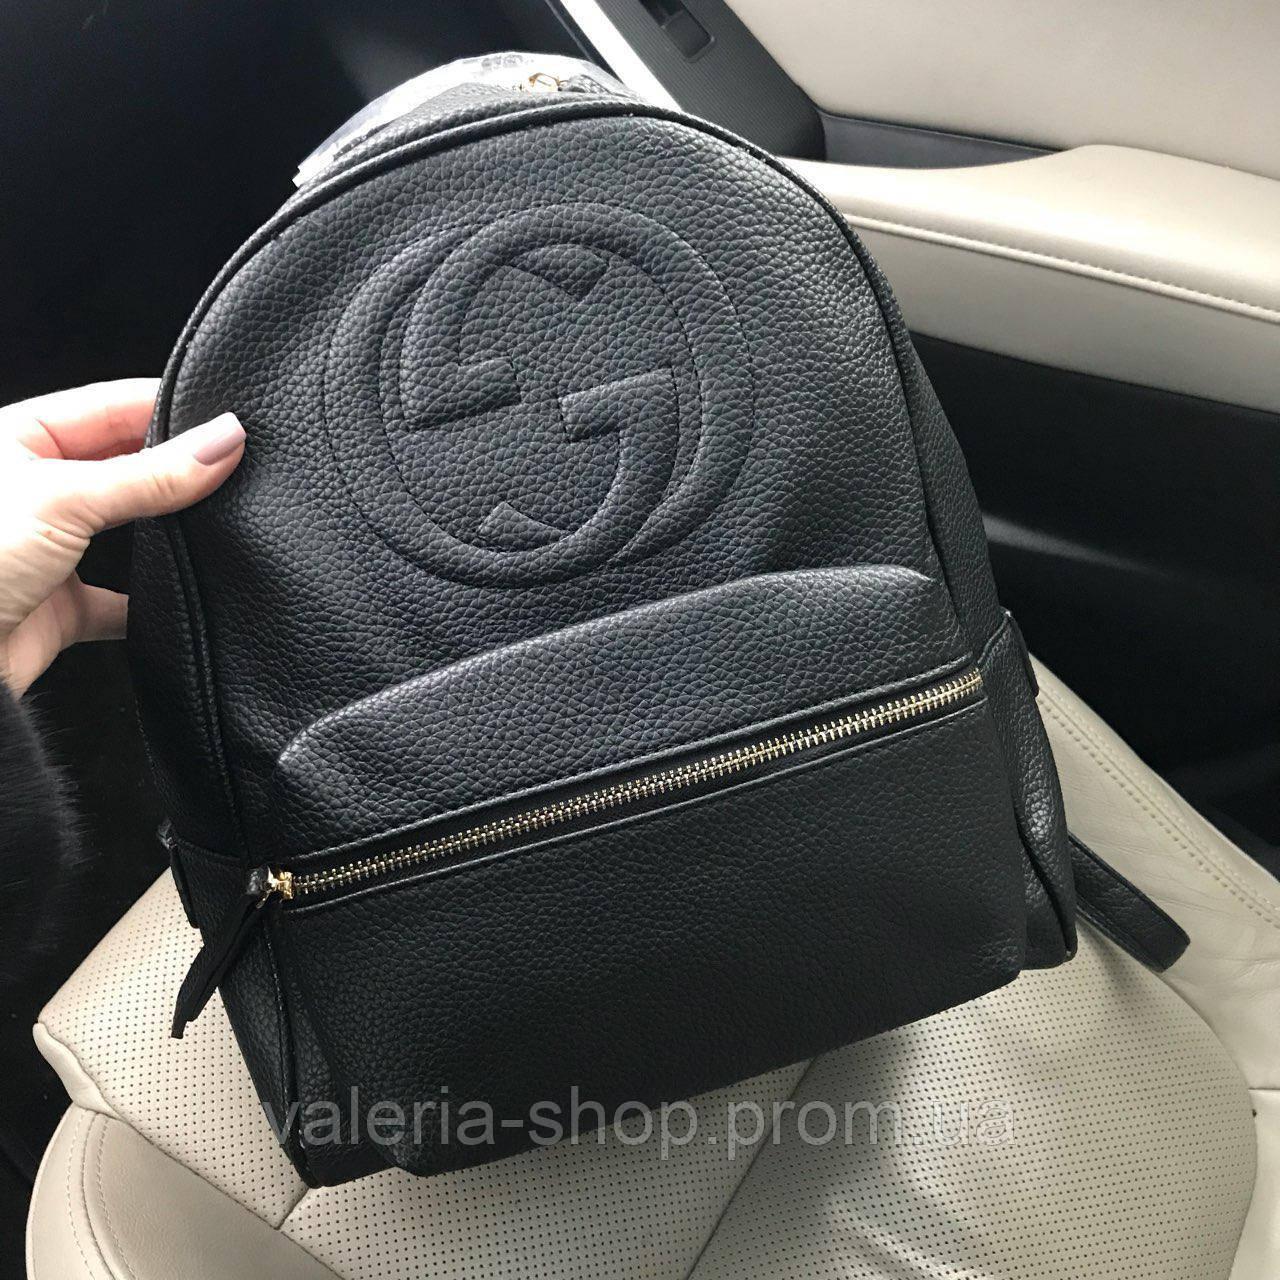 Рюкзак копия Gucci